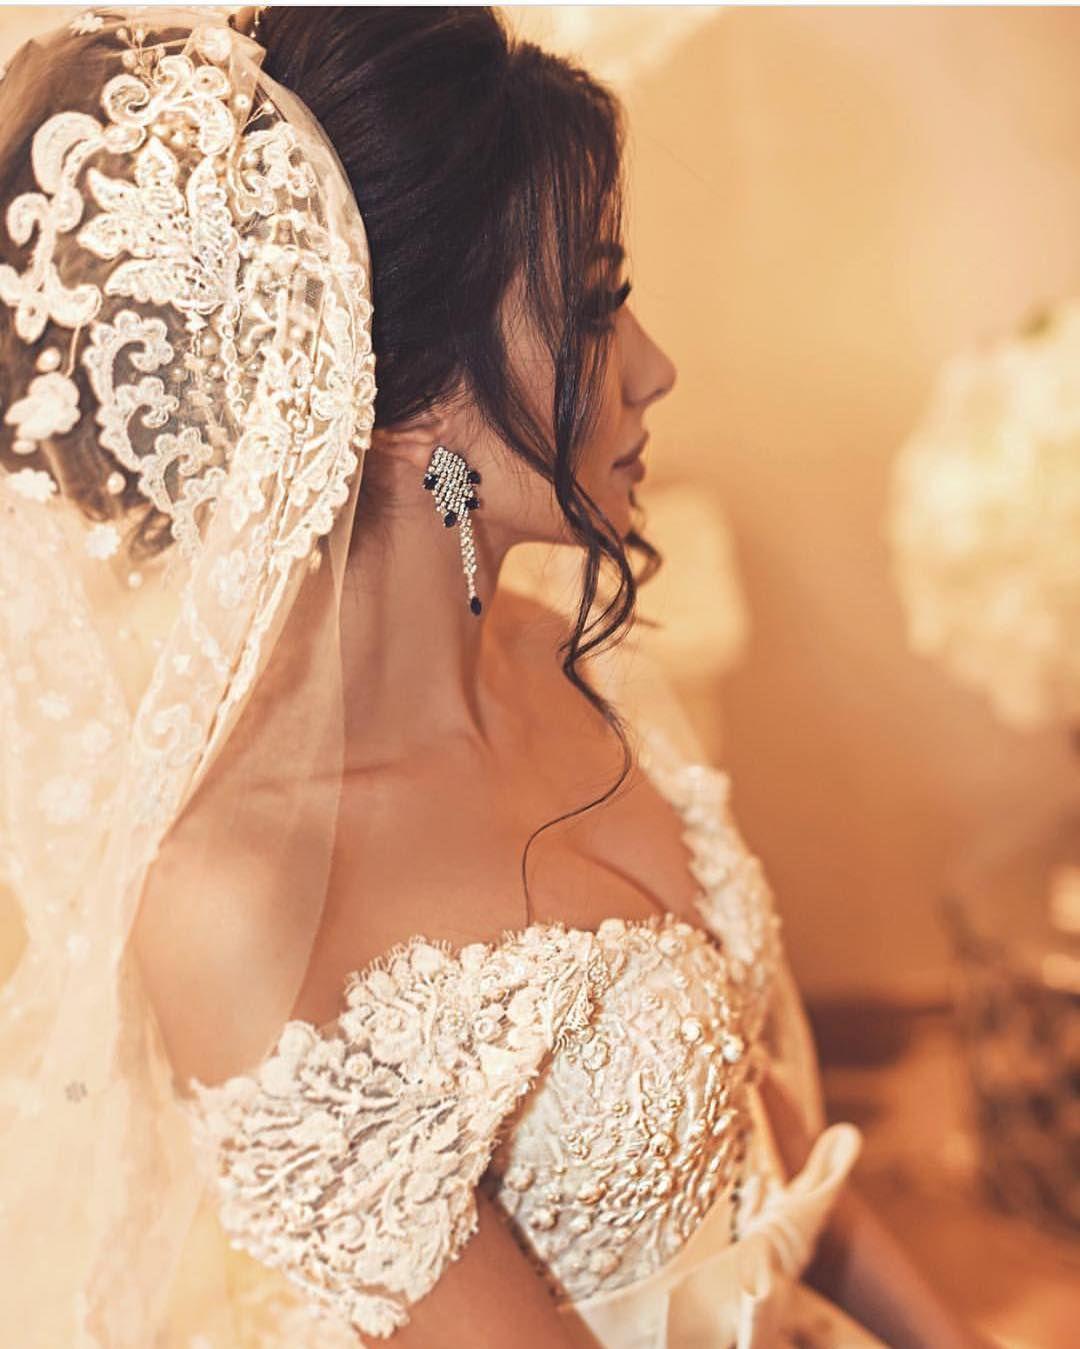 مساء الخير مكياج عروس عرس عرايس تسريحه كونتور رموش ديكور دزه زفه تصميم بوح روعه ذوق الكويت الامارات ال Wedding Dresses Bridal Wedding Dresses Wedding Bustier